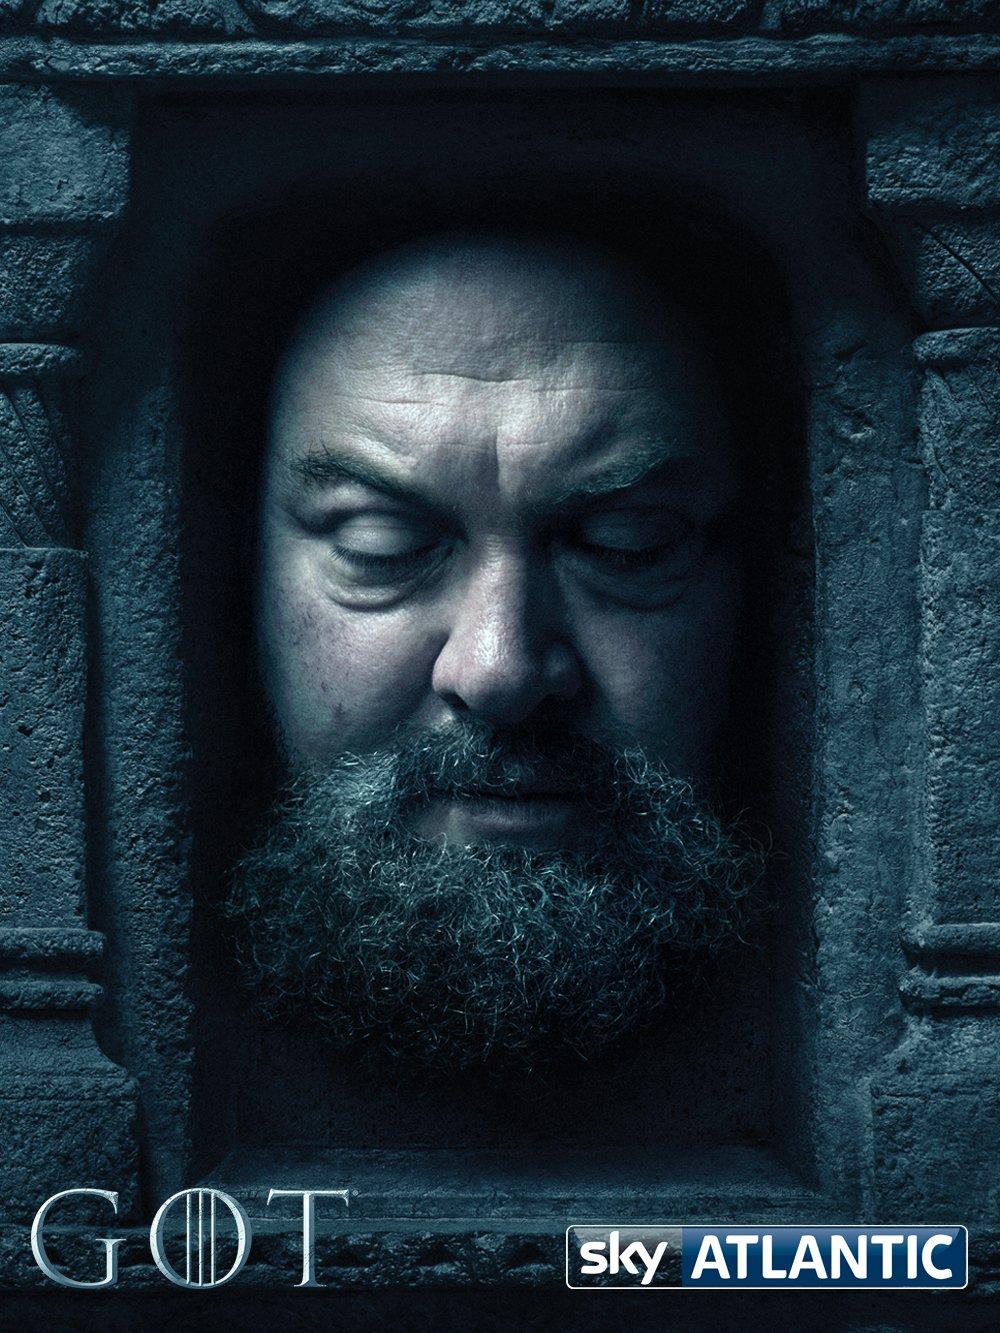 Game Of Thrones Robert Baratheon Poster - HD Wallpaper